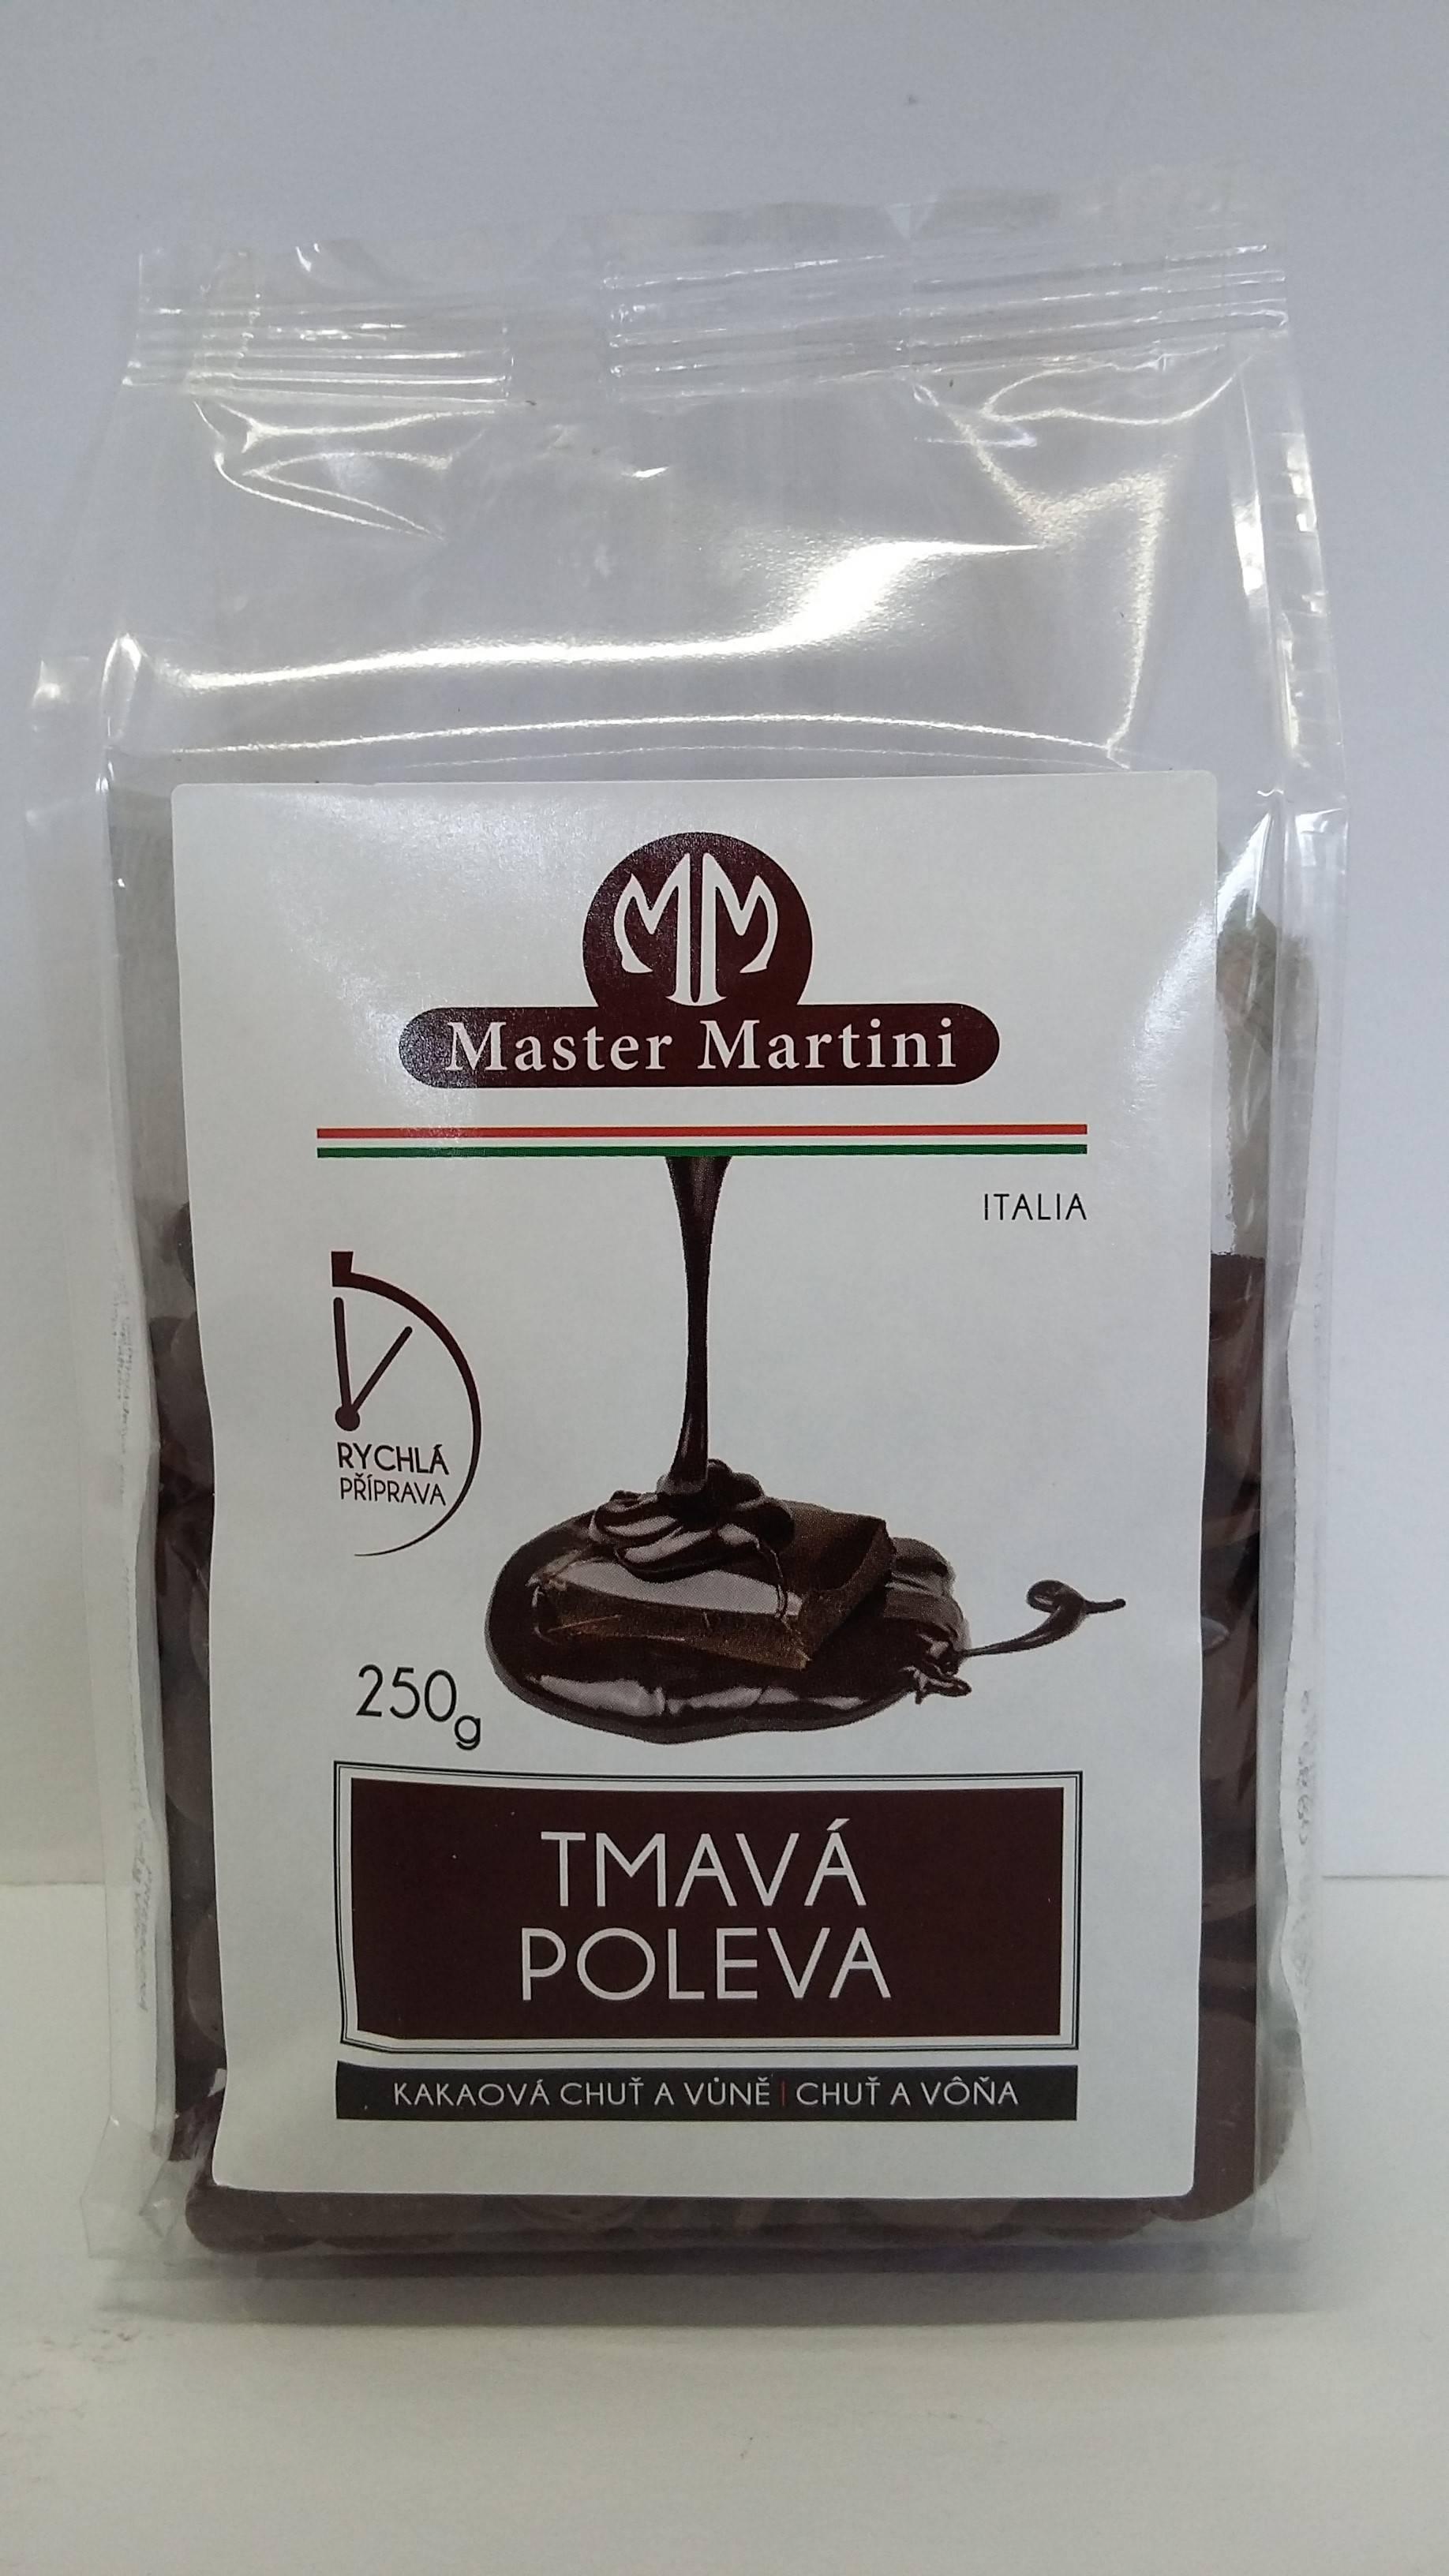 Tmavá poleva 250g - Master Martini